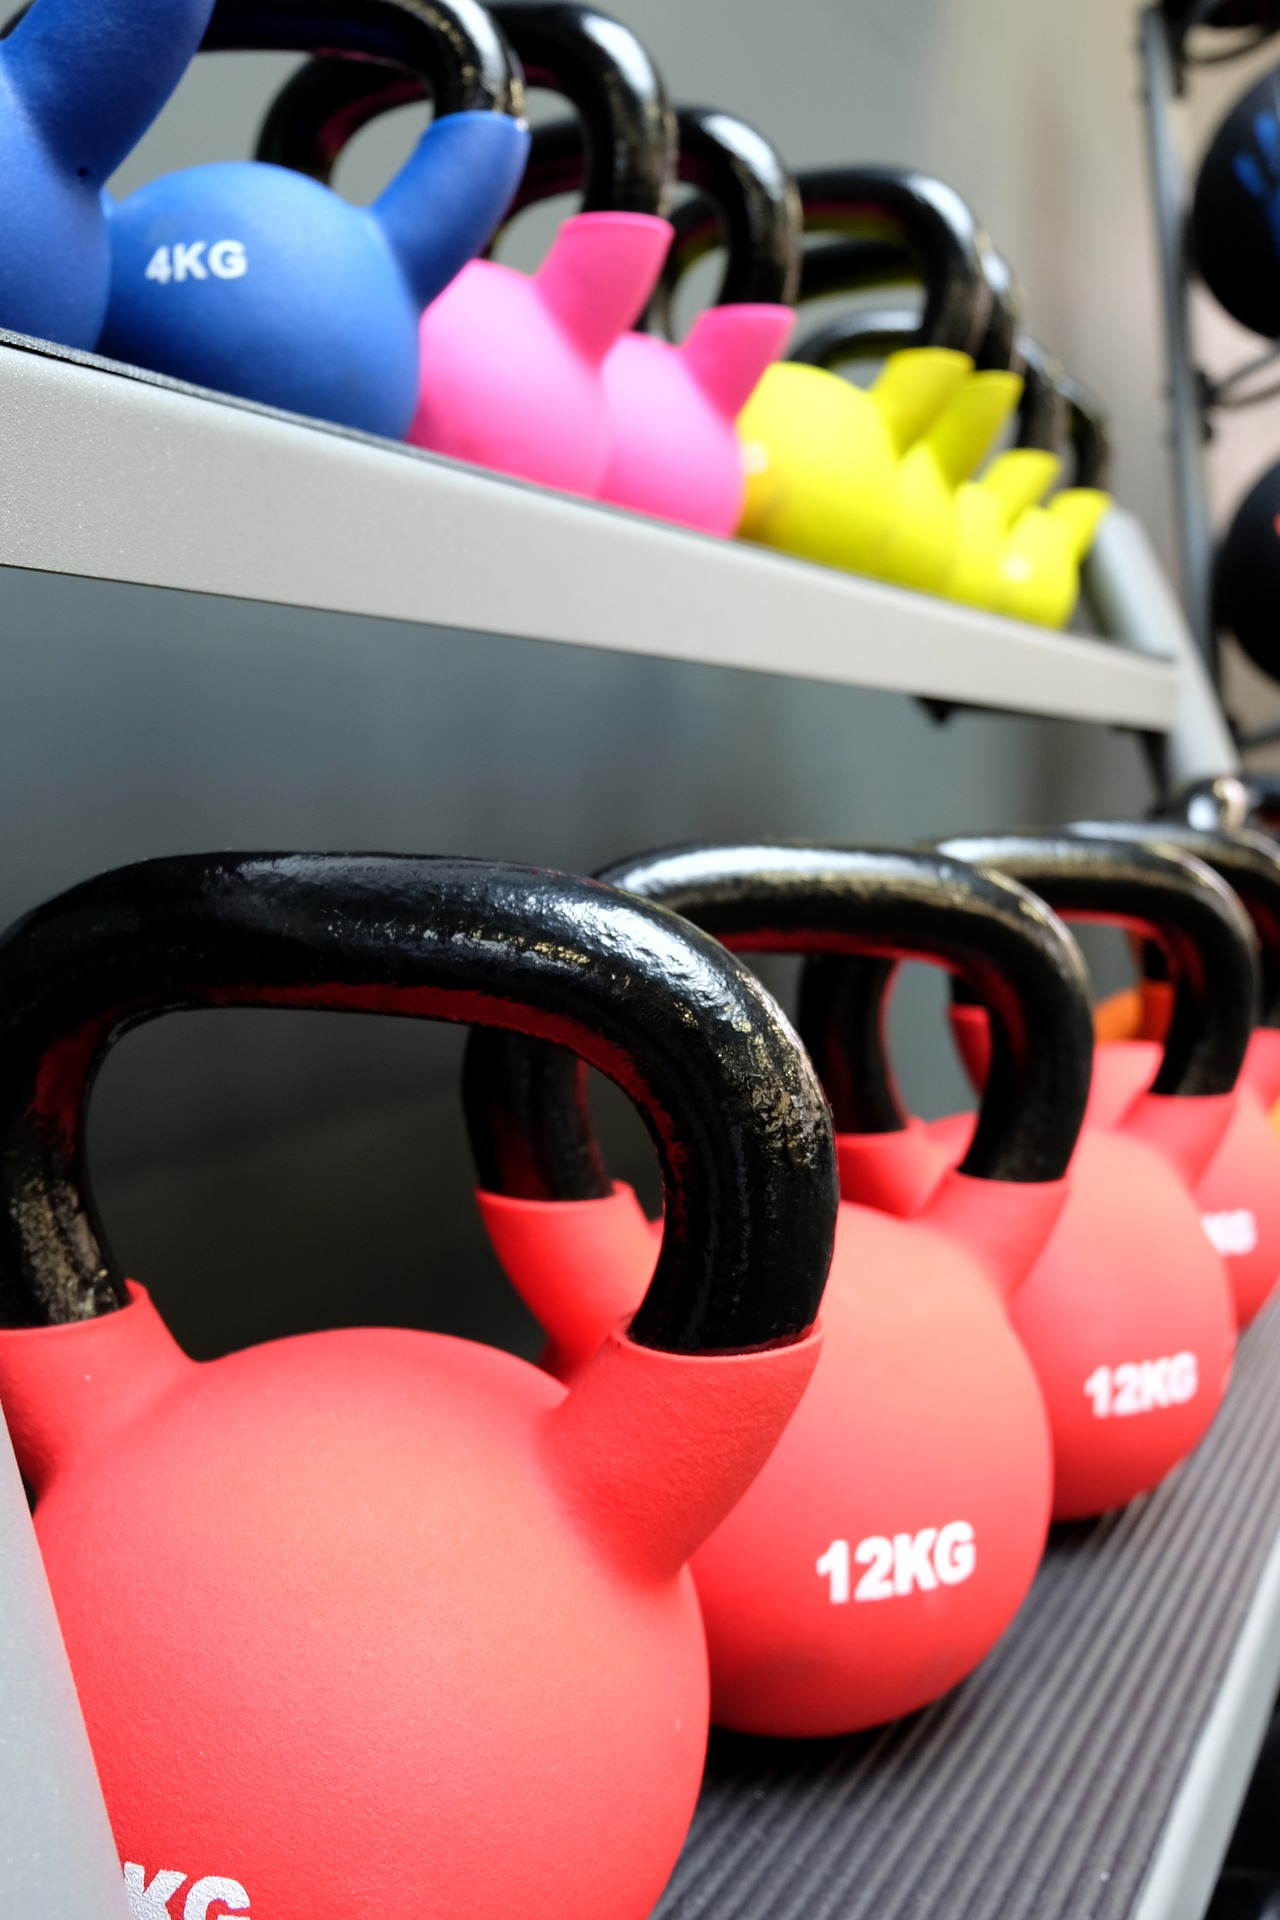 gym-2647292_1920.jpg